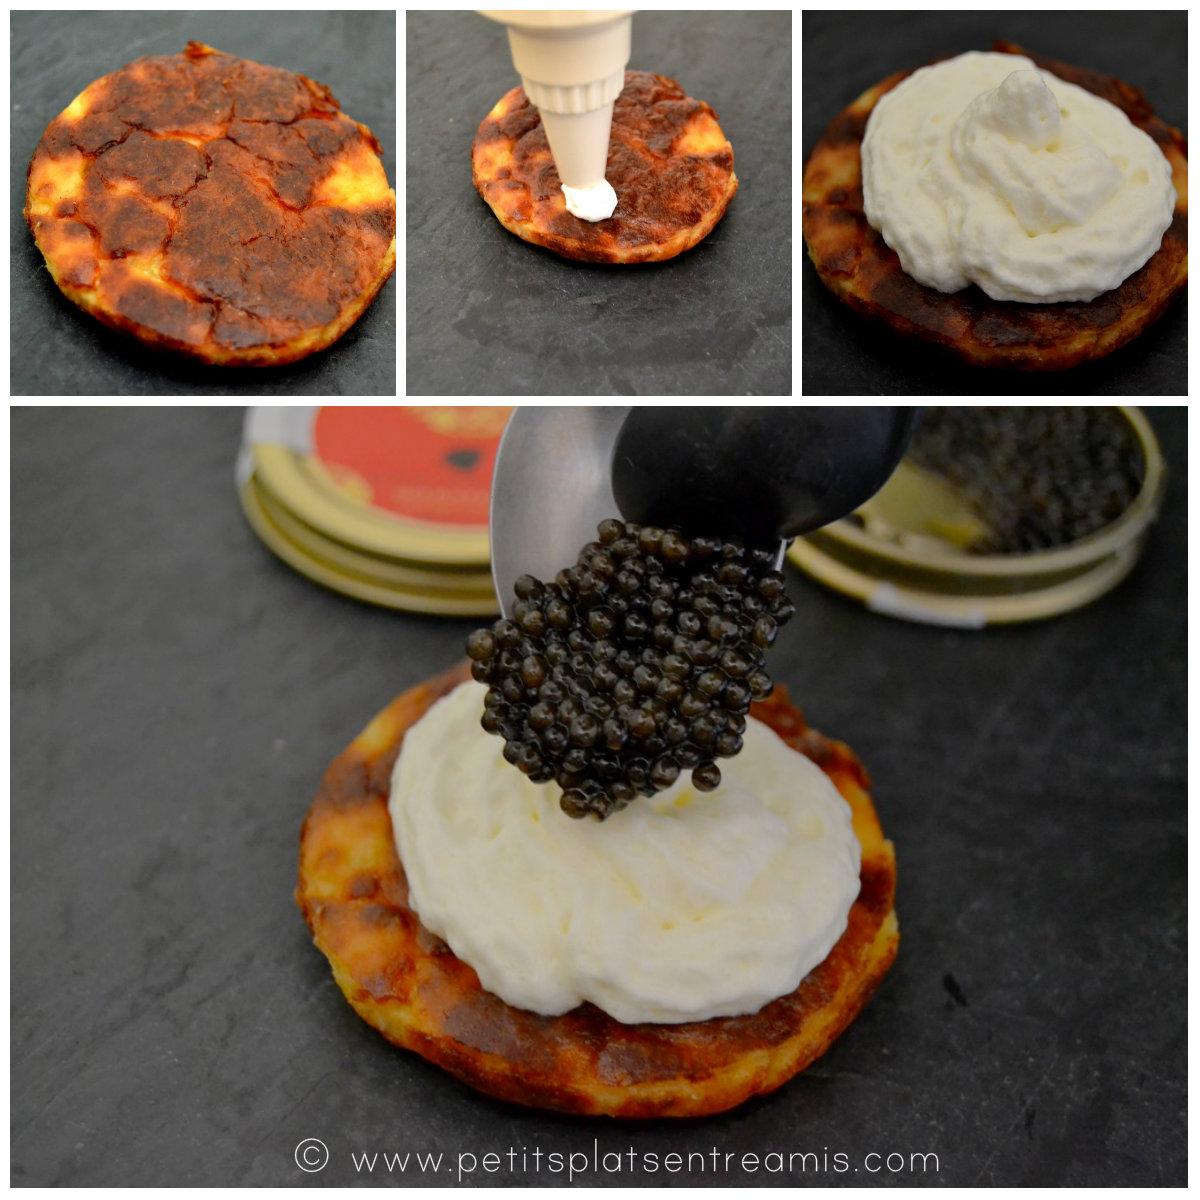 montage du médaillon au caviar